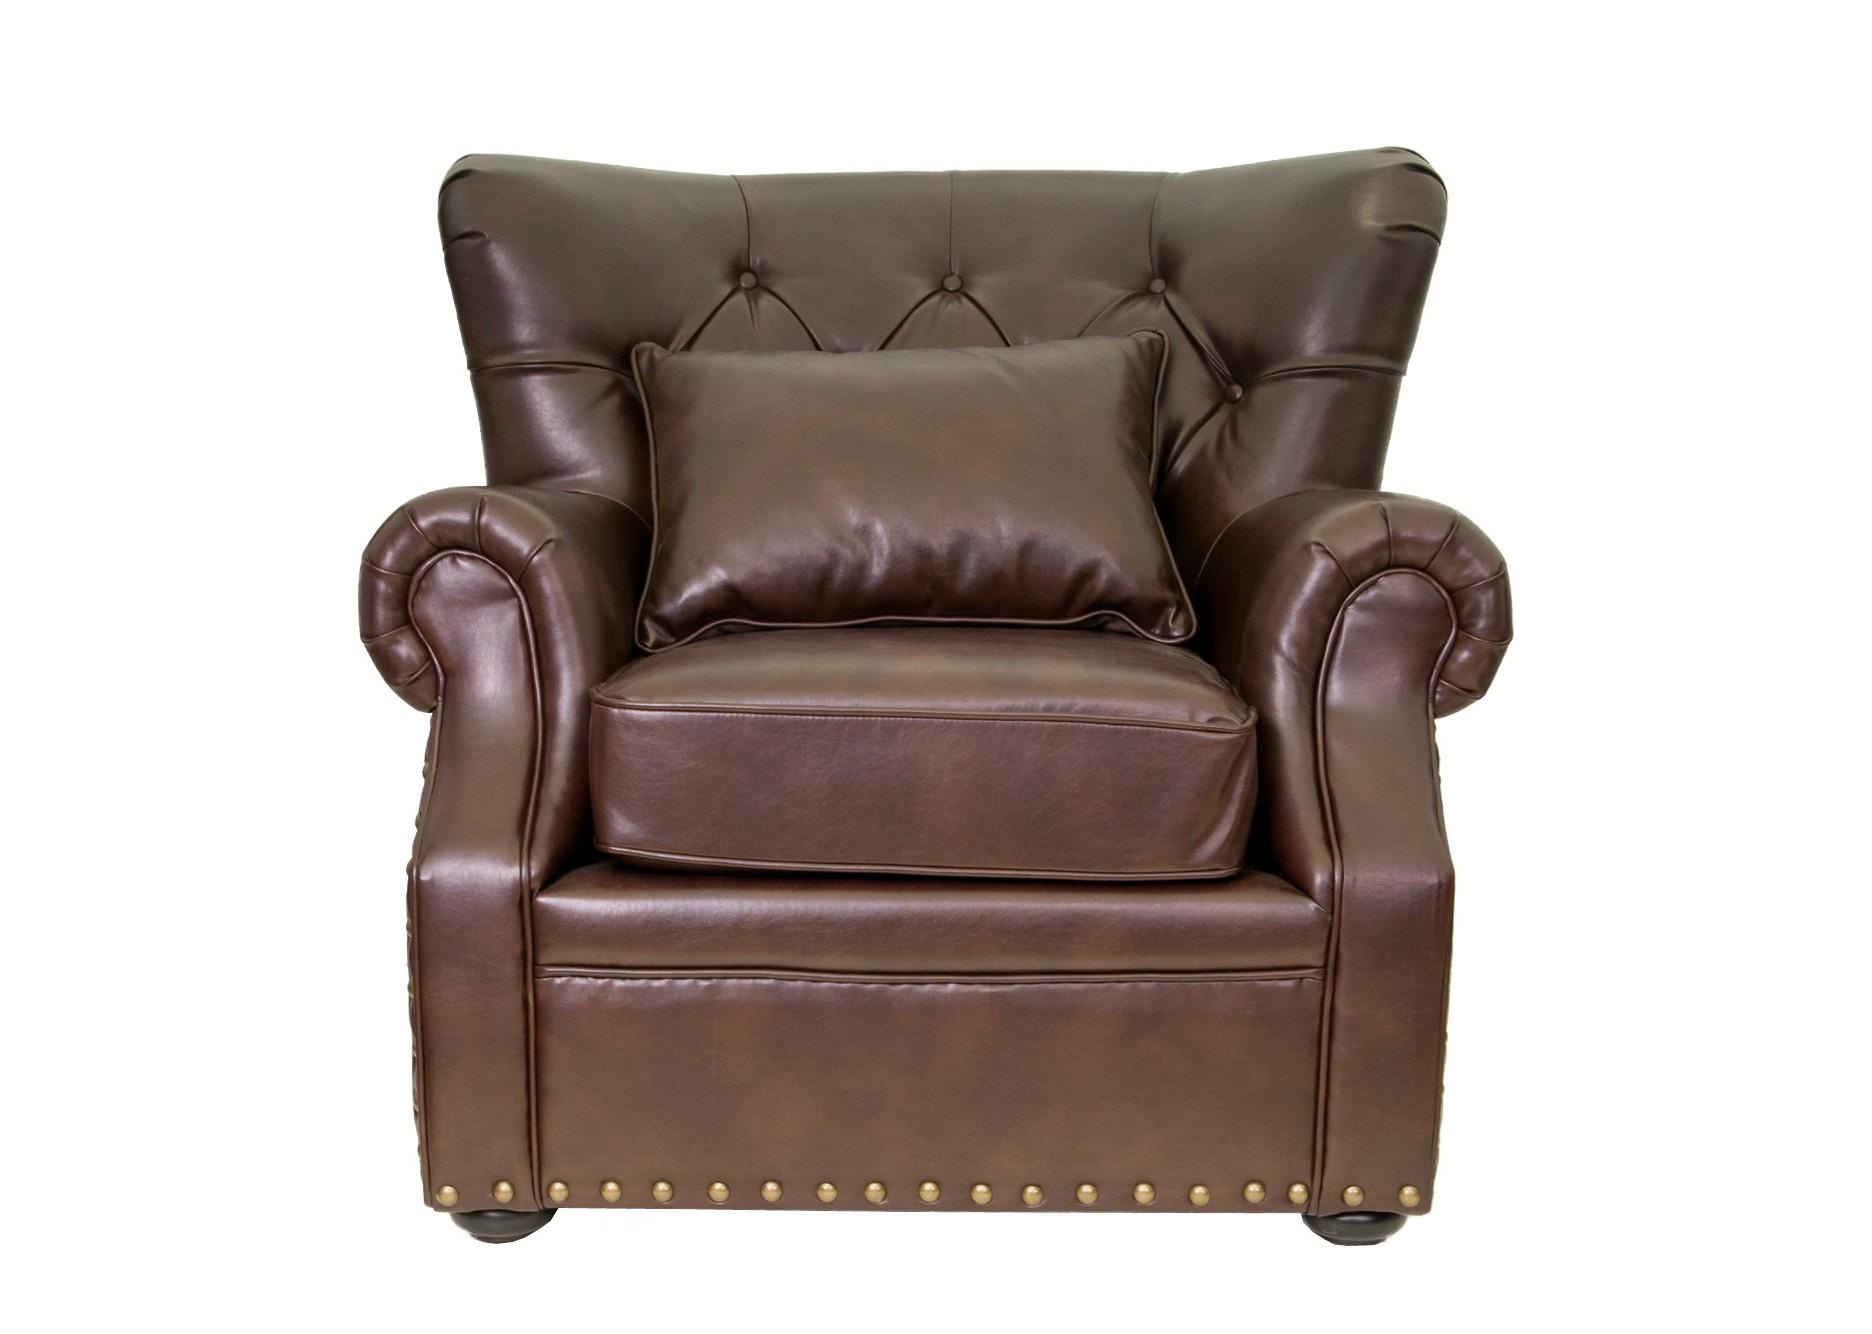 Кресло TescoКожаные кресла<br>Кожаное кресло Tesco с фигурными подлокотниками в классическом английском стиле. Спинка декорирована стёжкой, мягкое сиденье и низкие закруглённые подлокотники располагают к отдыху. В каждой детали чувствуется &amp;quot;характер&amp;quot;, такое кресло подчеркнёт непревзойдённый вкус его обладателя.&amp;amp;nbsp;<br><br>Material: Кожа<br>Width см: 101<br>Depth см: 86<br>Height см: 97